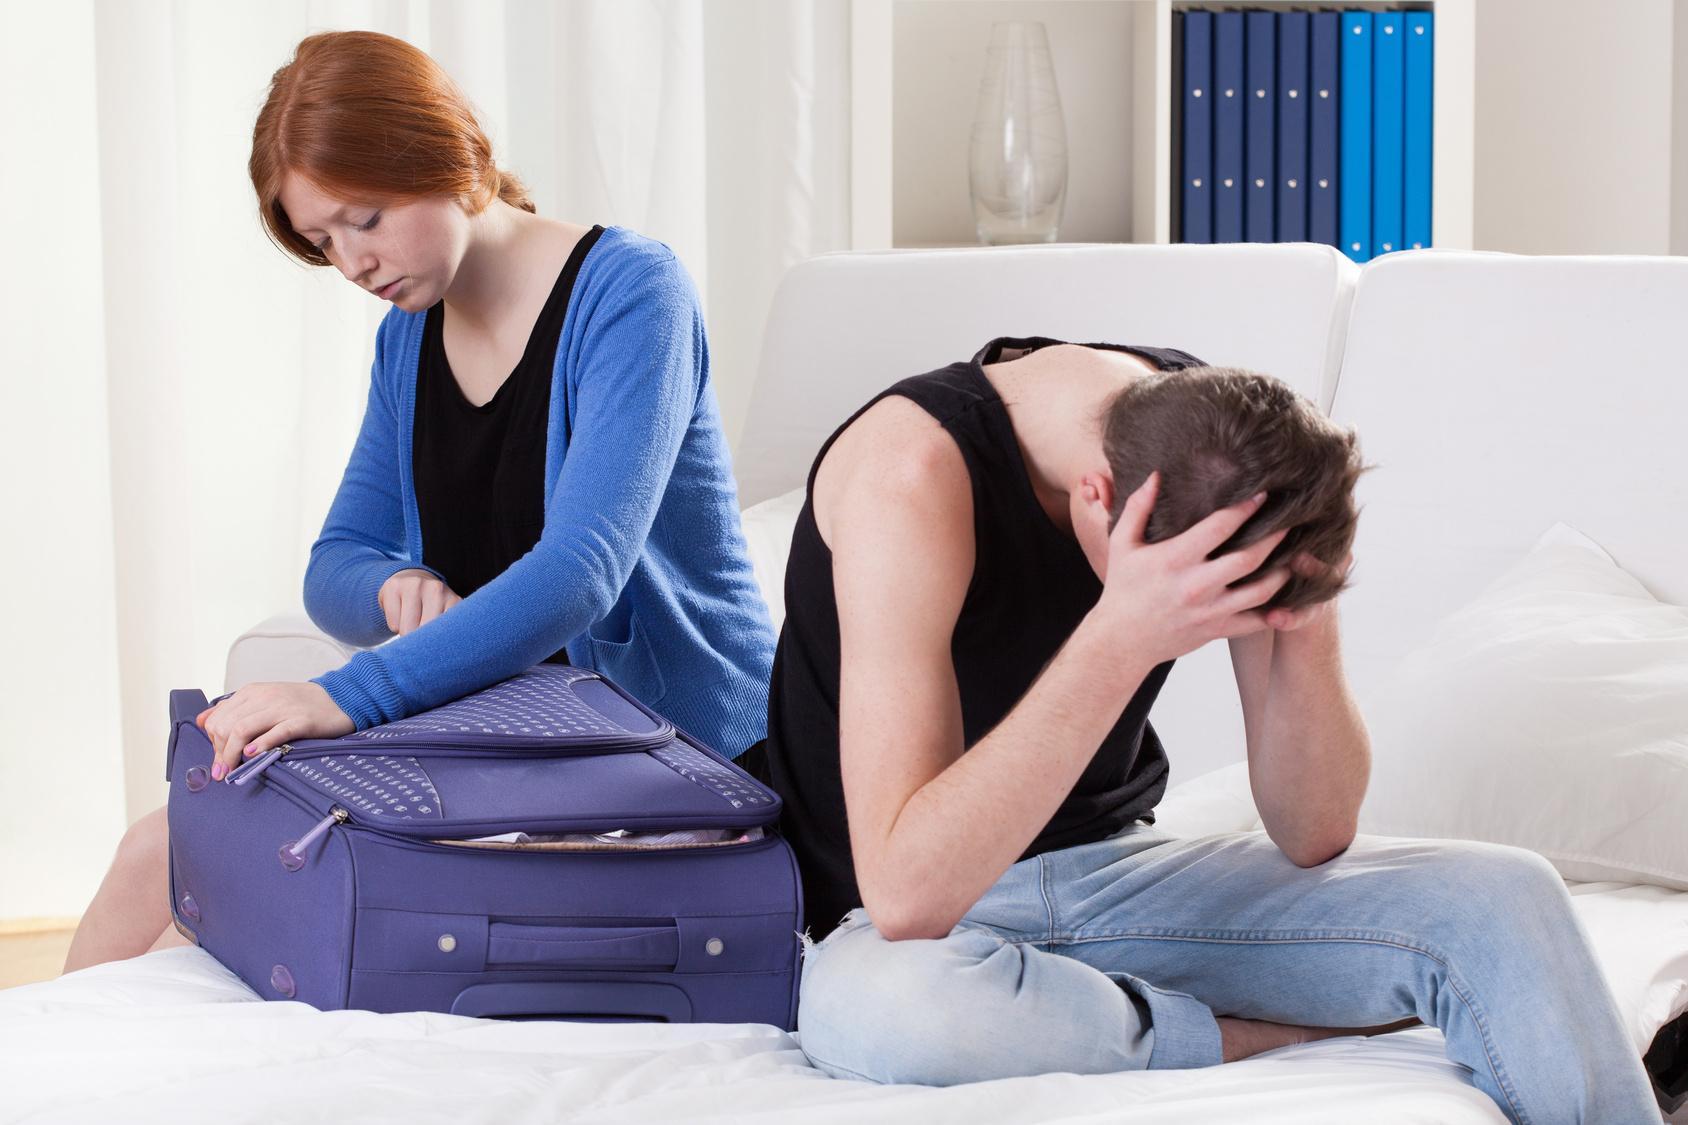 изменились Ведение совместного хозяйства сожителями молчал, пока